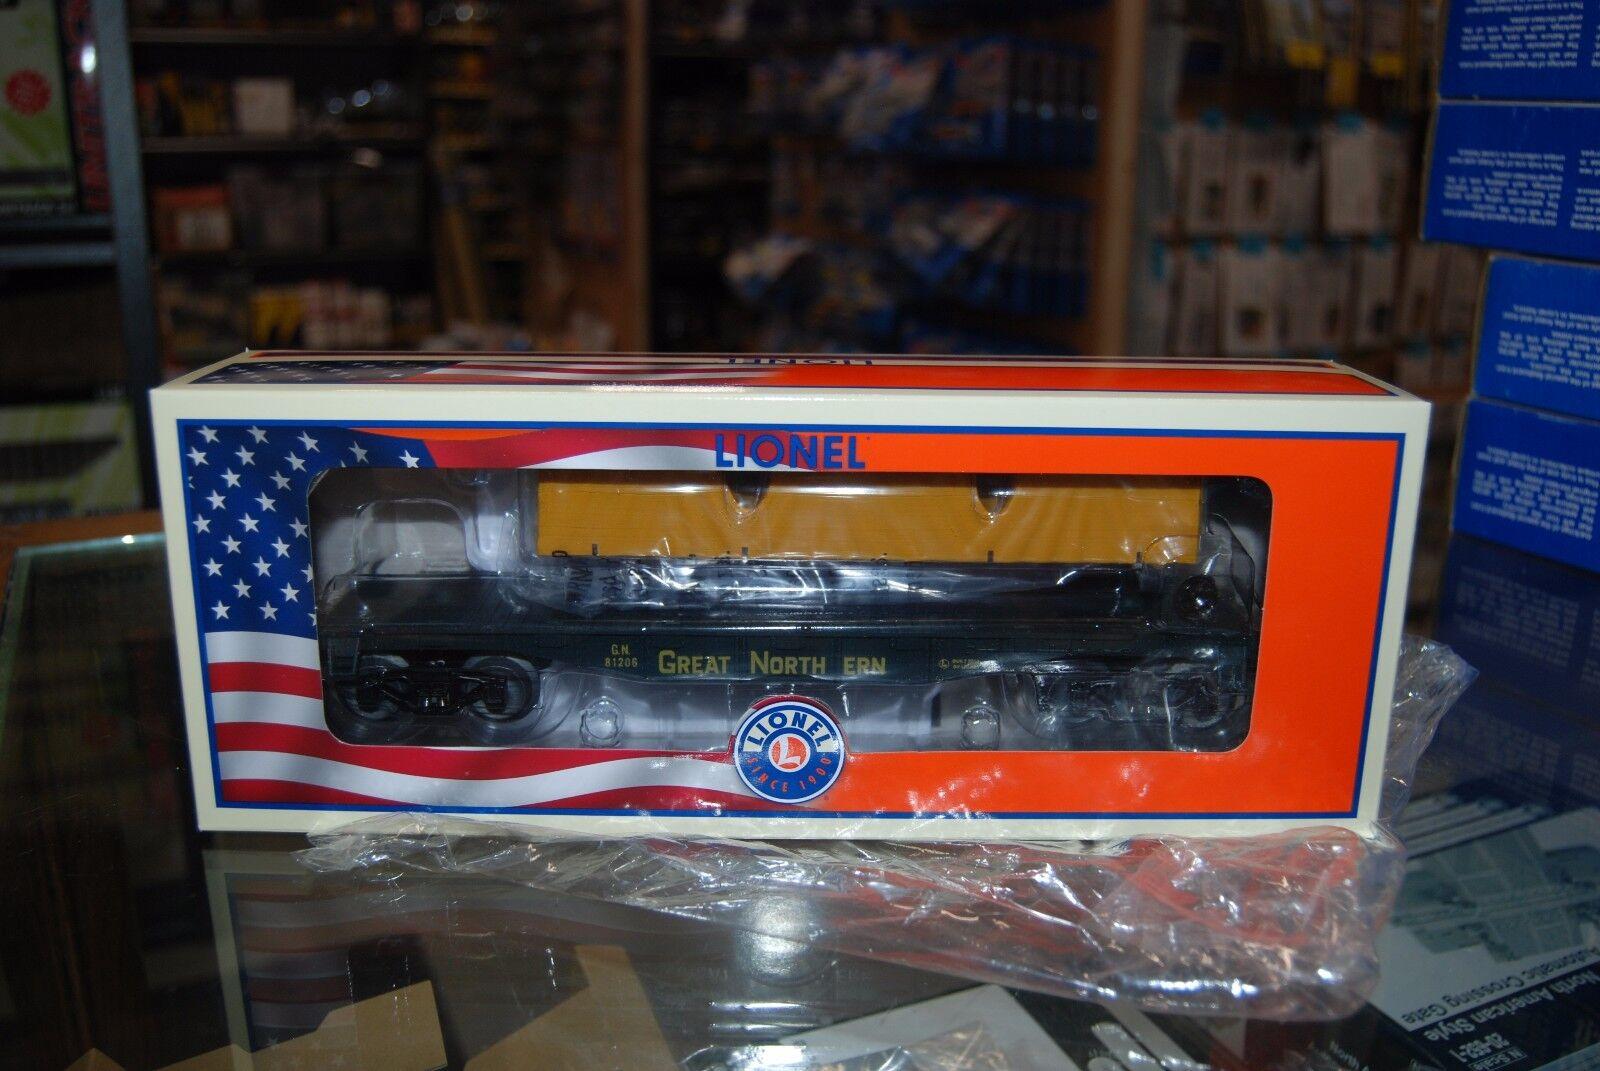 O Lionel 6-81206 * Great Northern Flat car w/Load * NIB